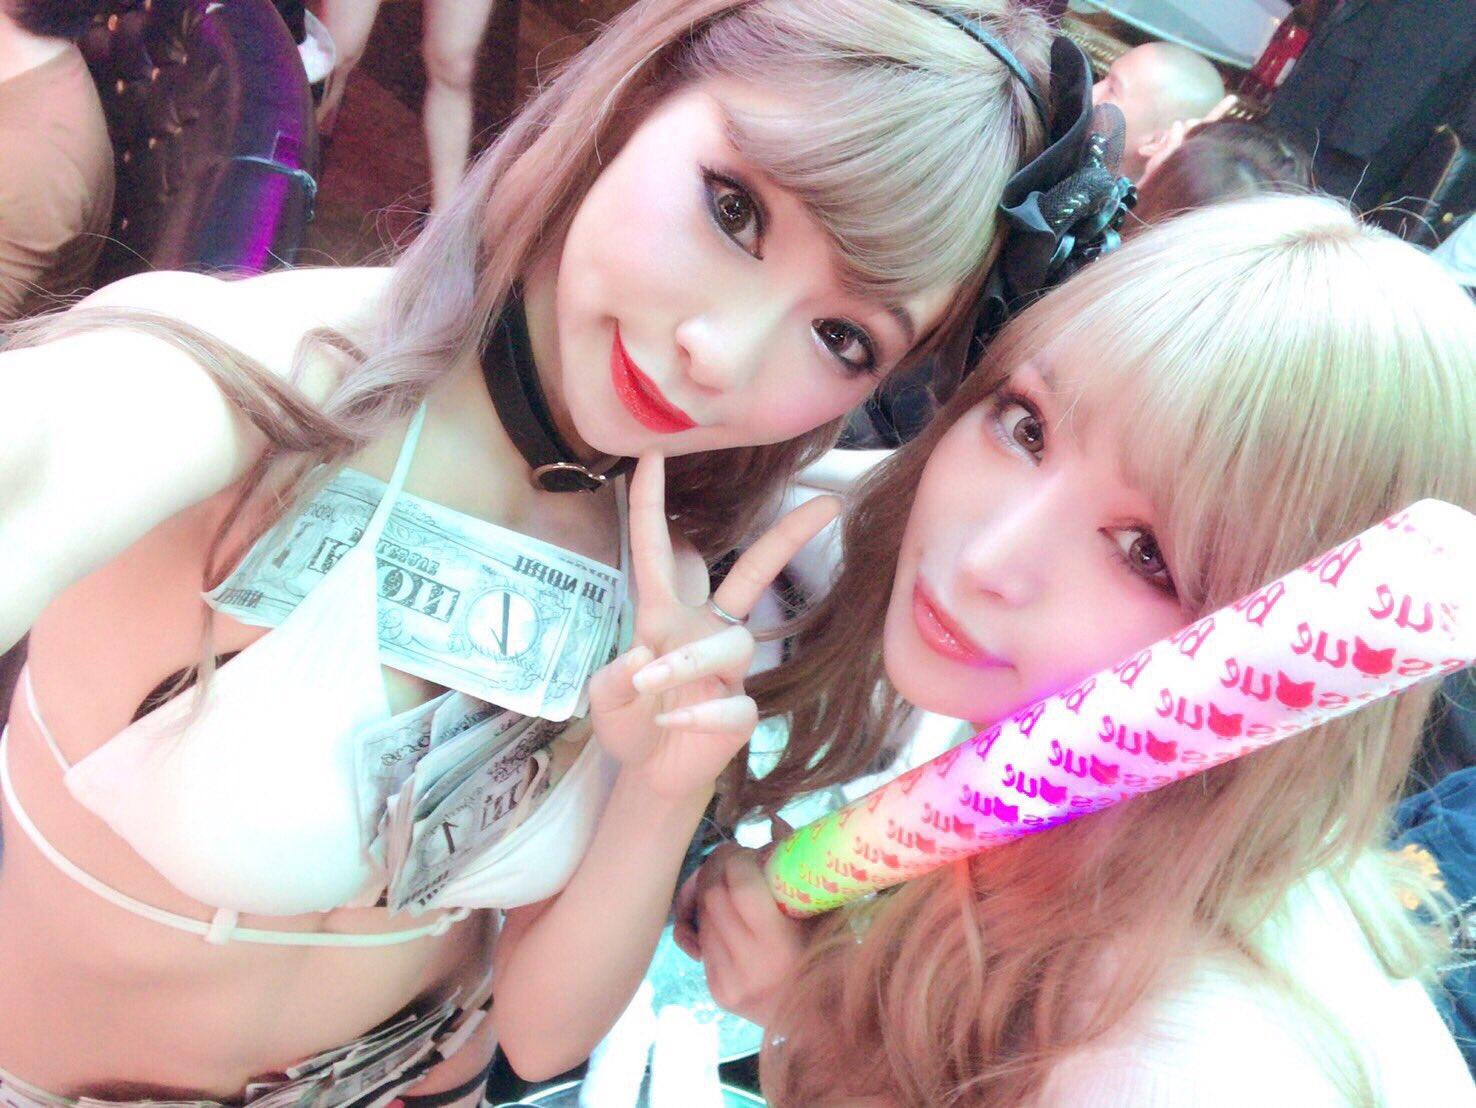 日本のバーレスクギャル可愛すぎw | 素人エロ画像-女神ちゃんねる 表紙